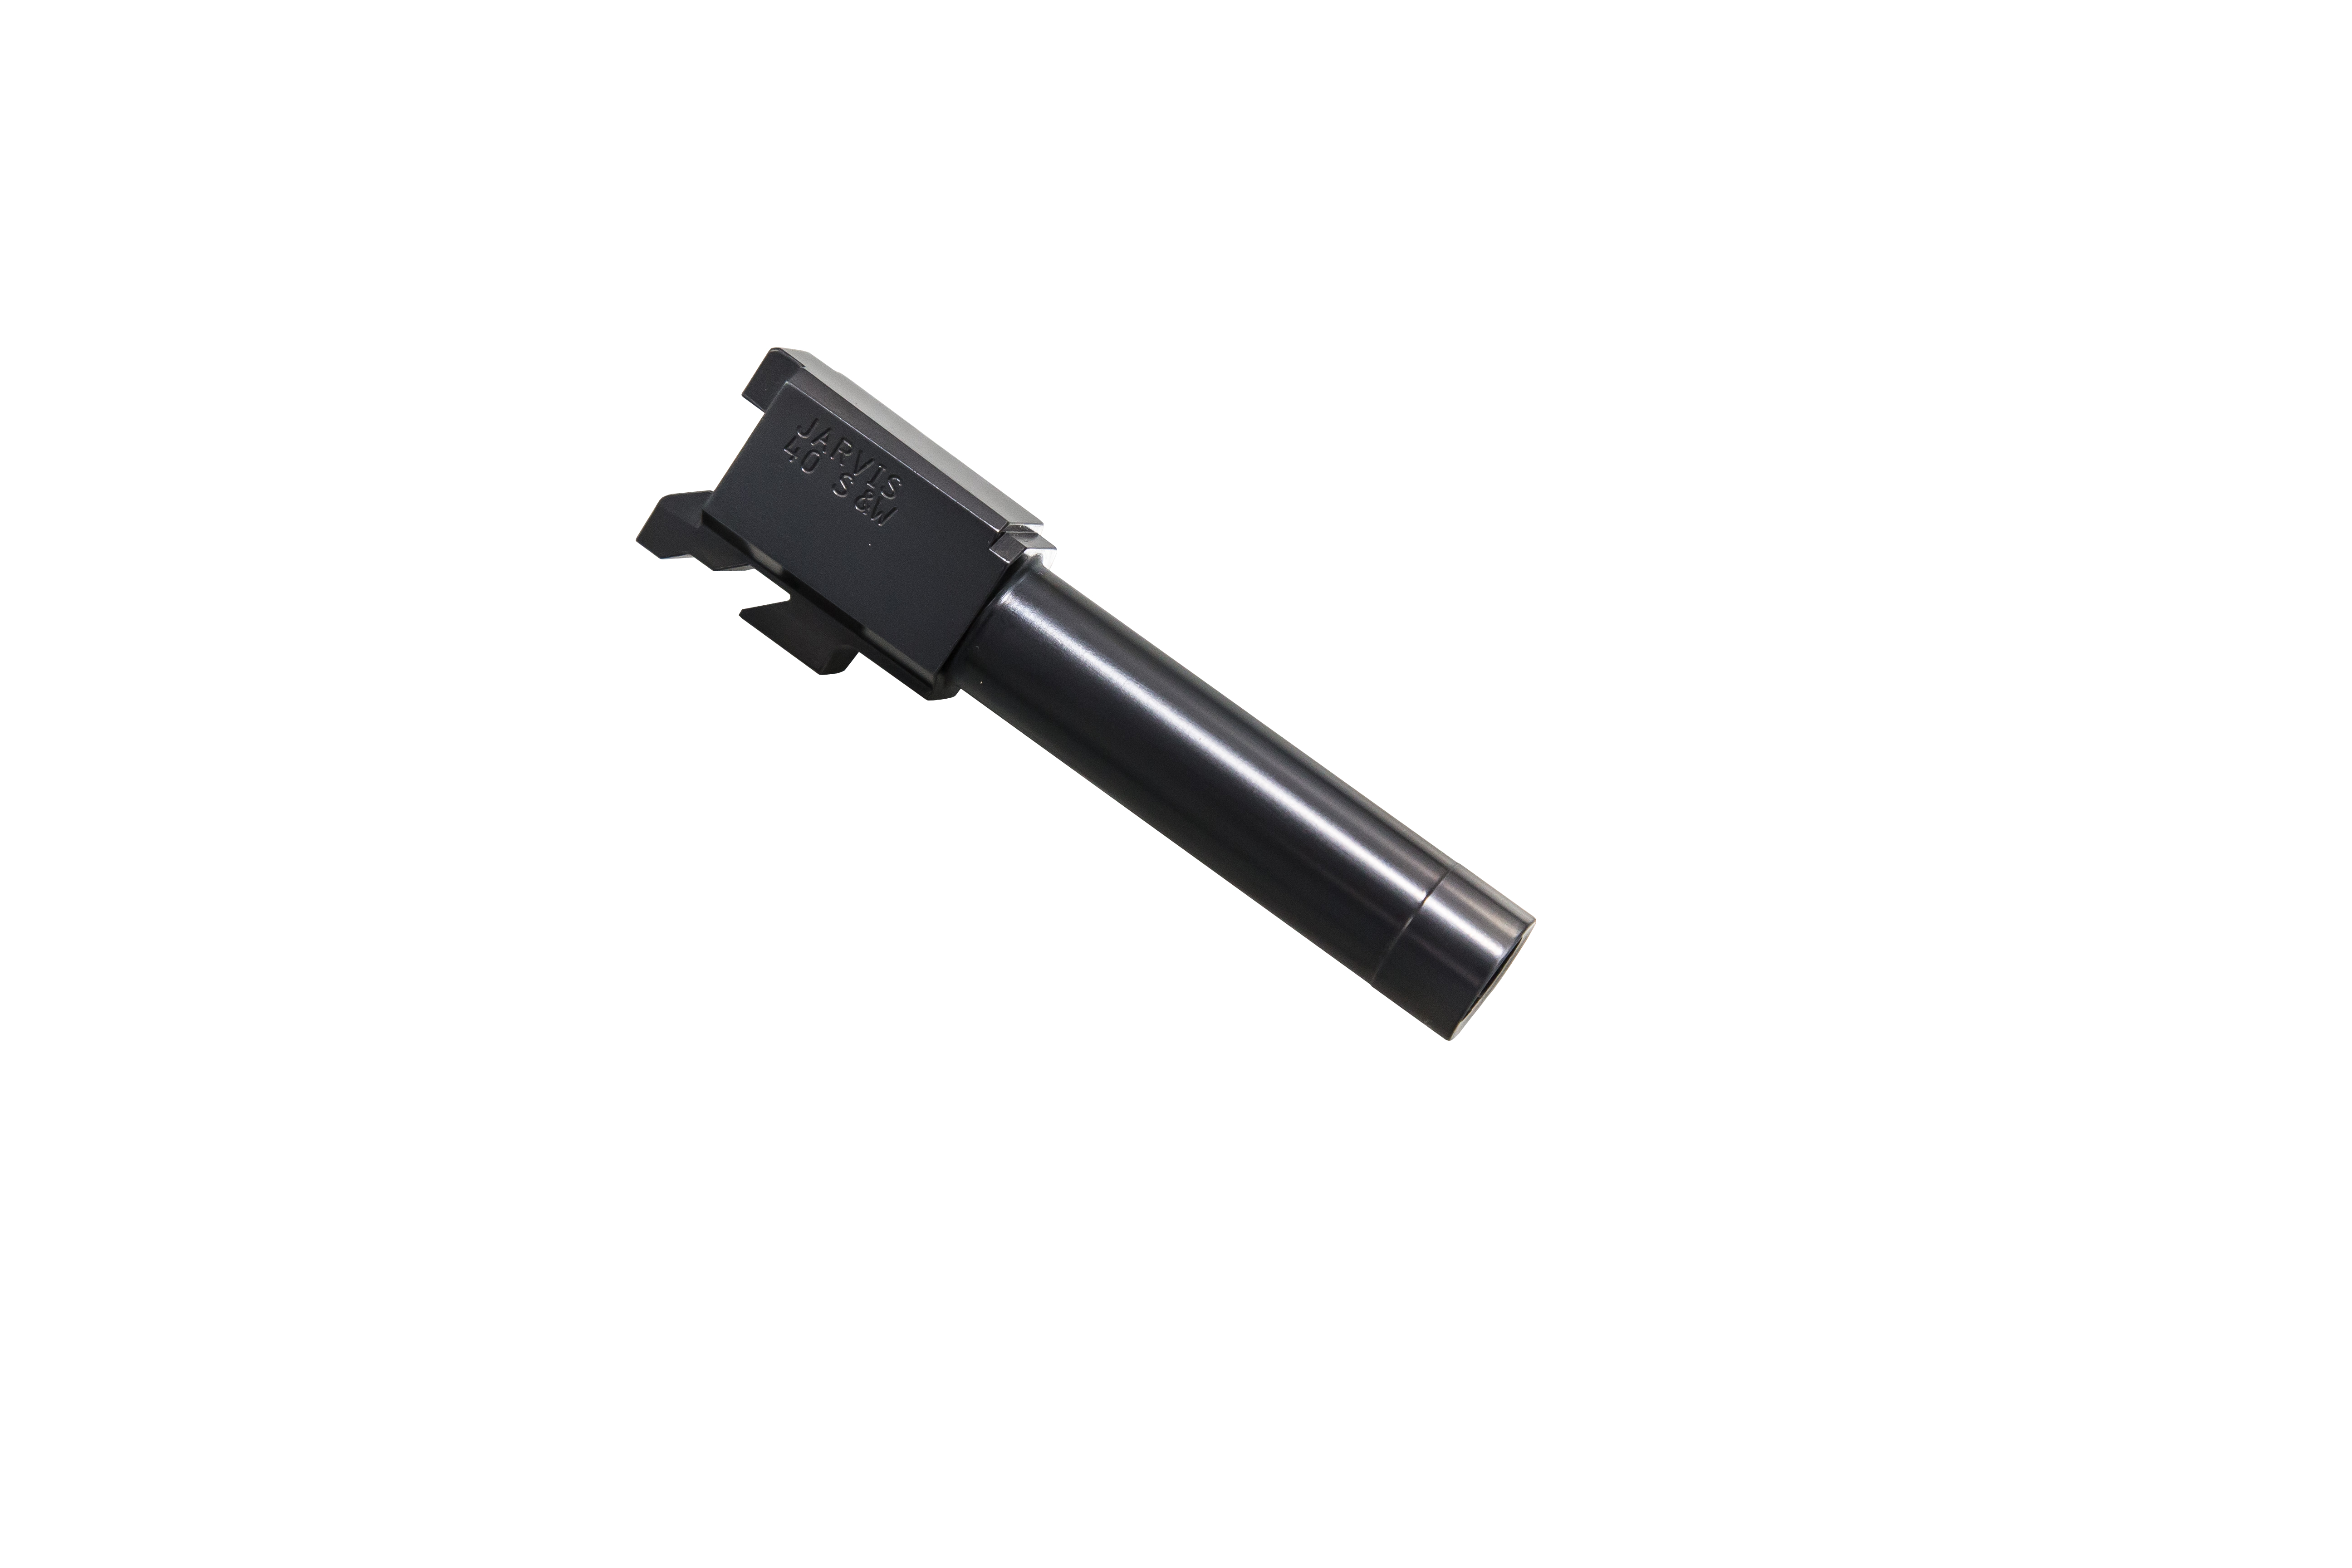 HK USP Compact 40 Barrel